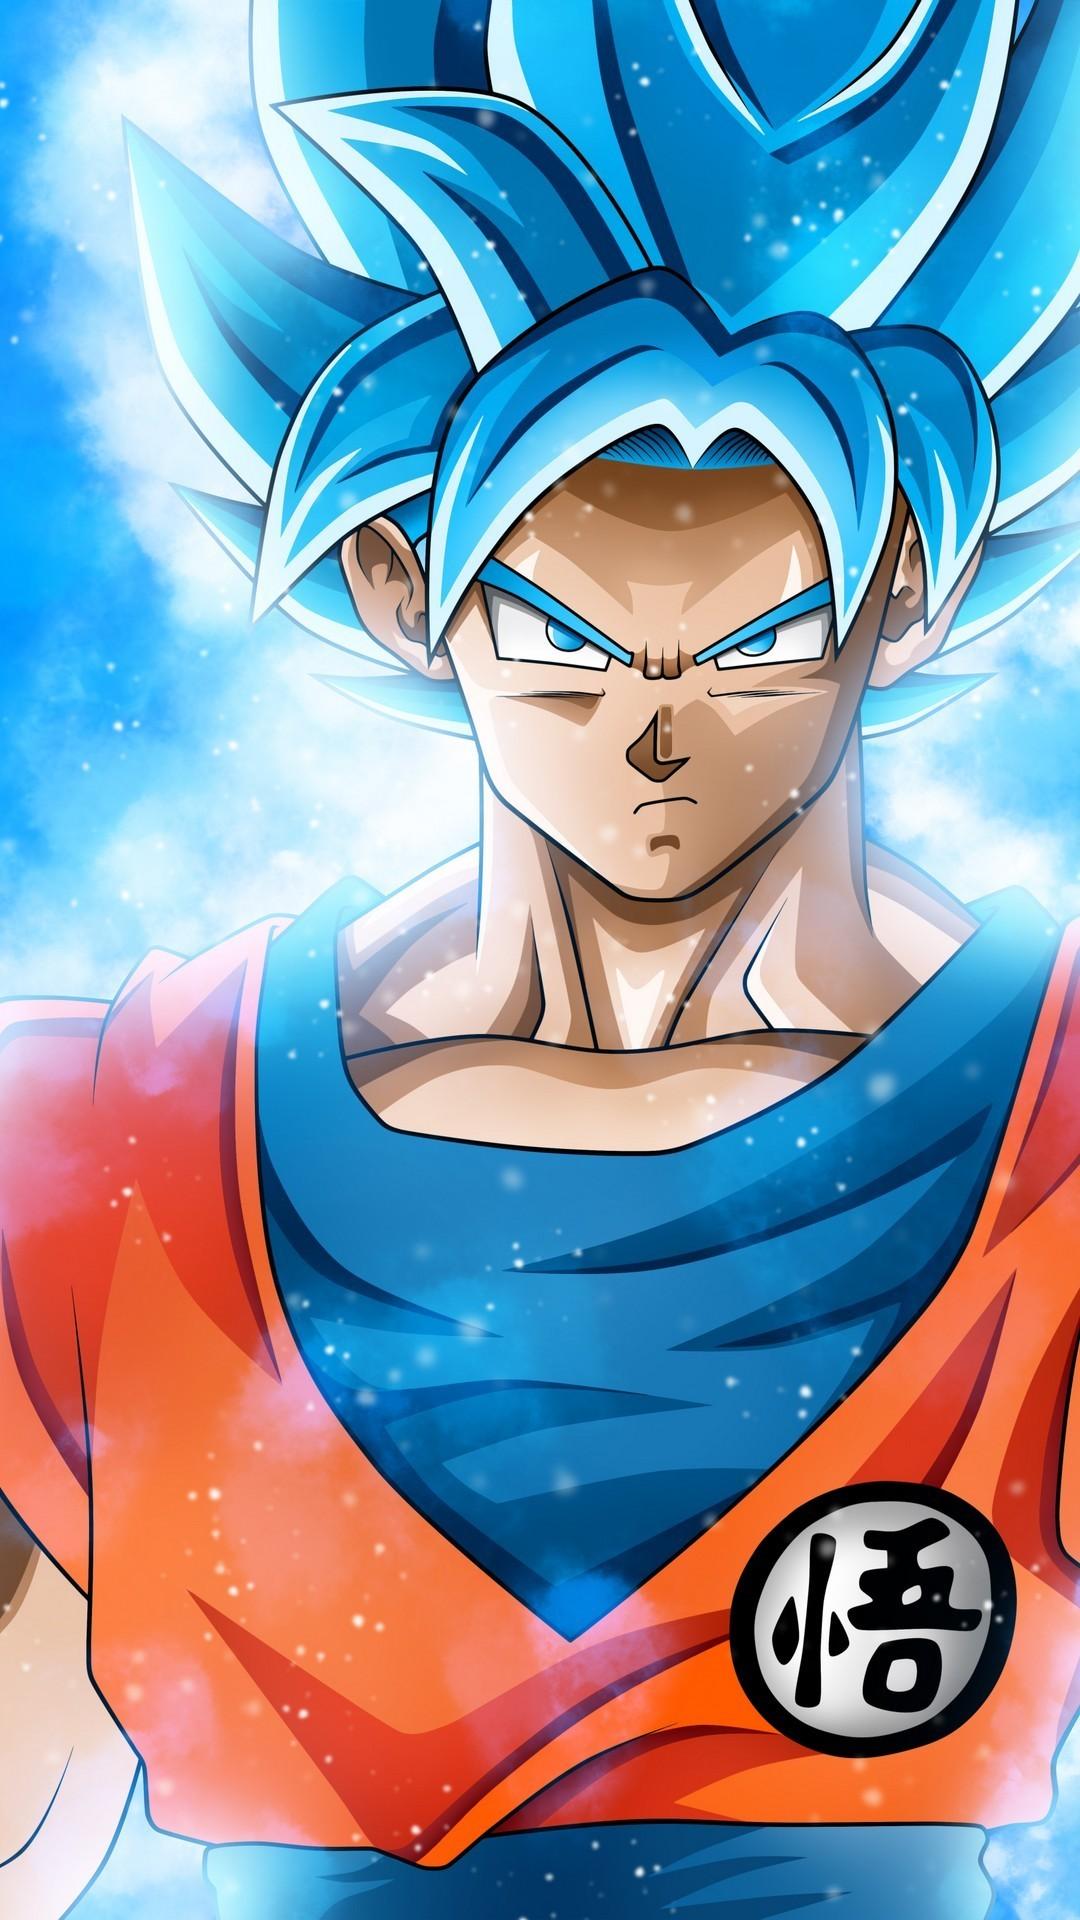 Silver Sky Goku SSJ